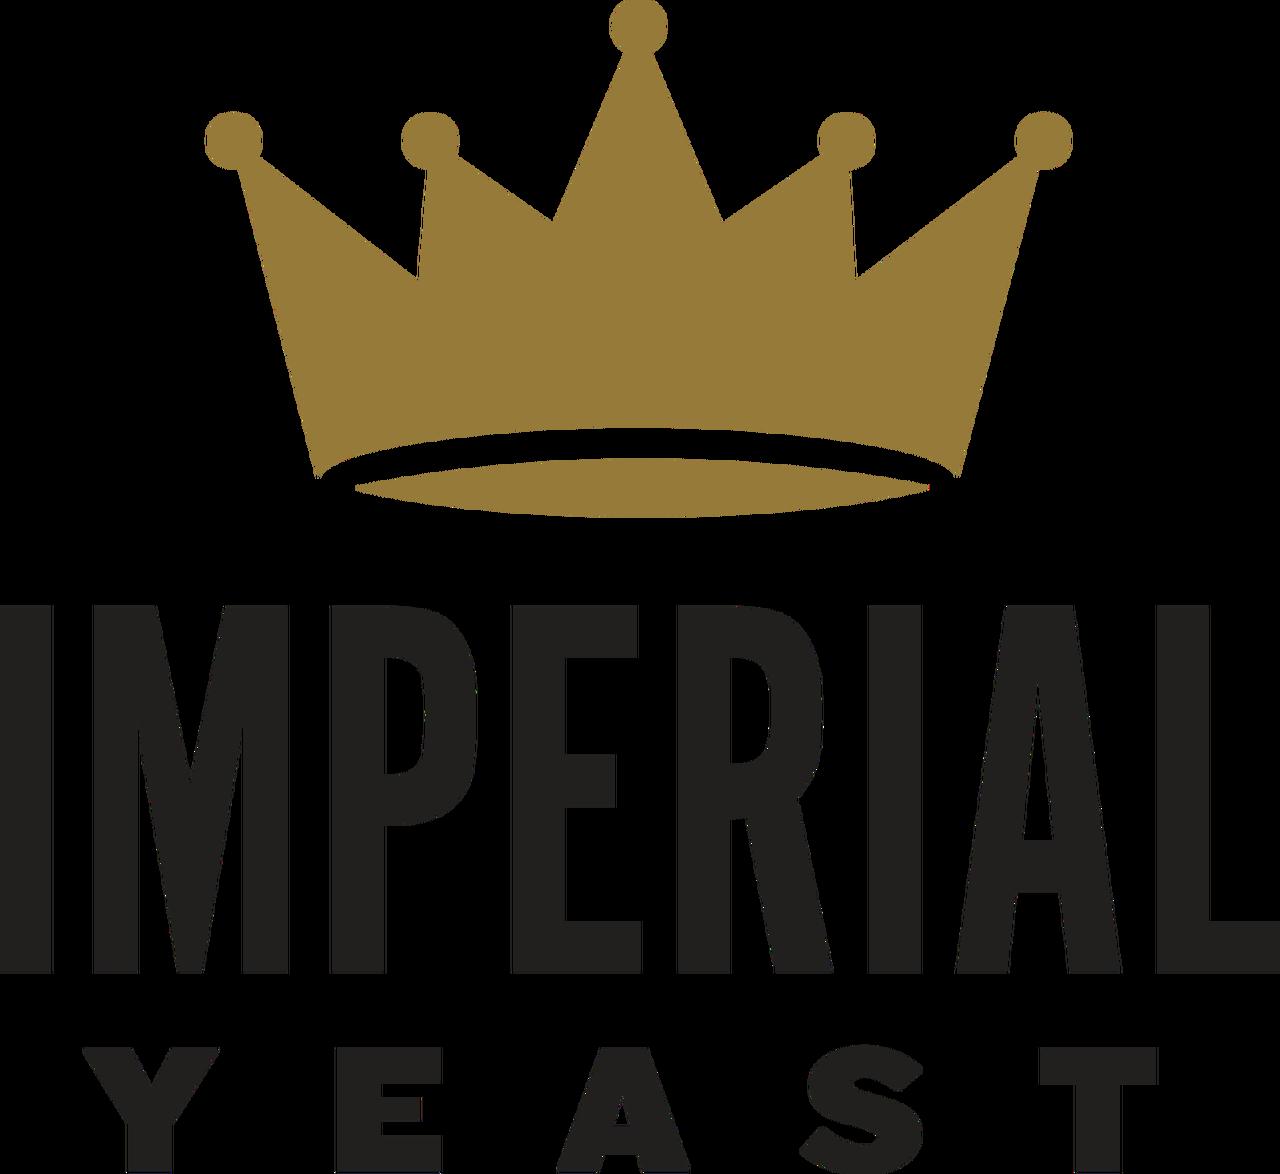 23476 imperial yeast g03 dieter ale yeast